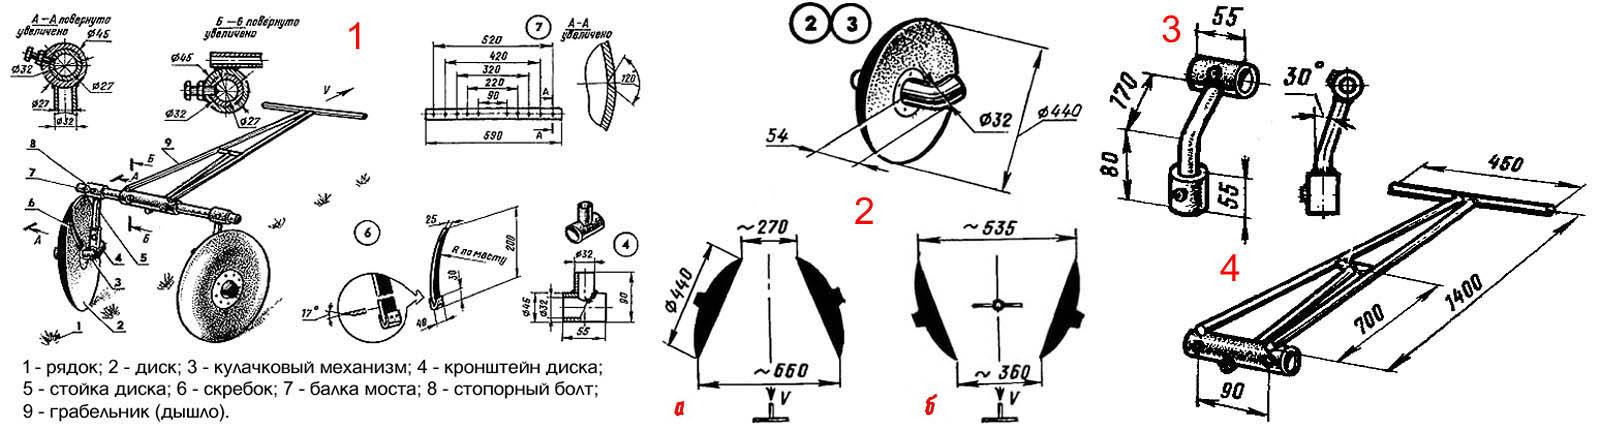 Чертежи дискового окучника для картофеля под мотоблок и ручную тягу